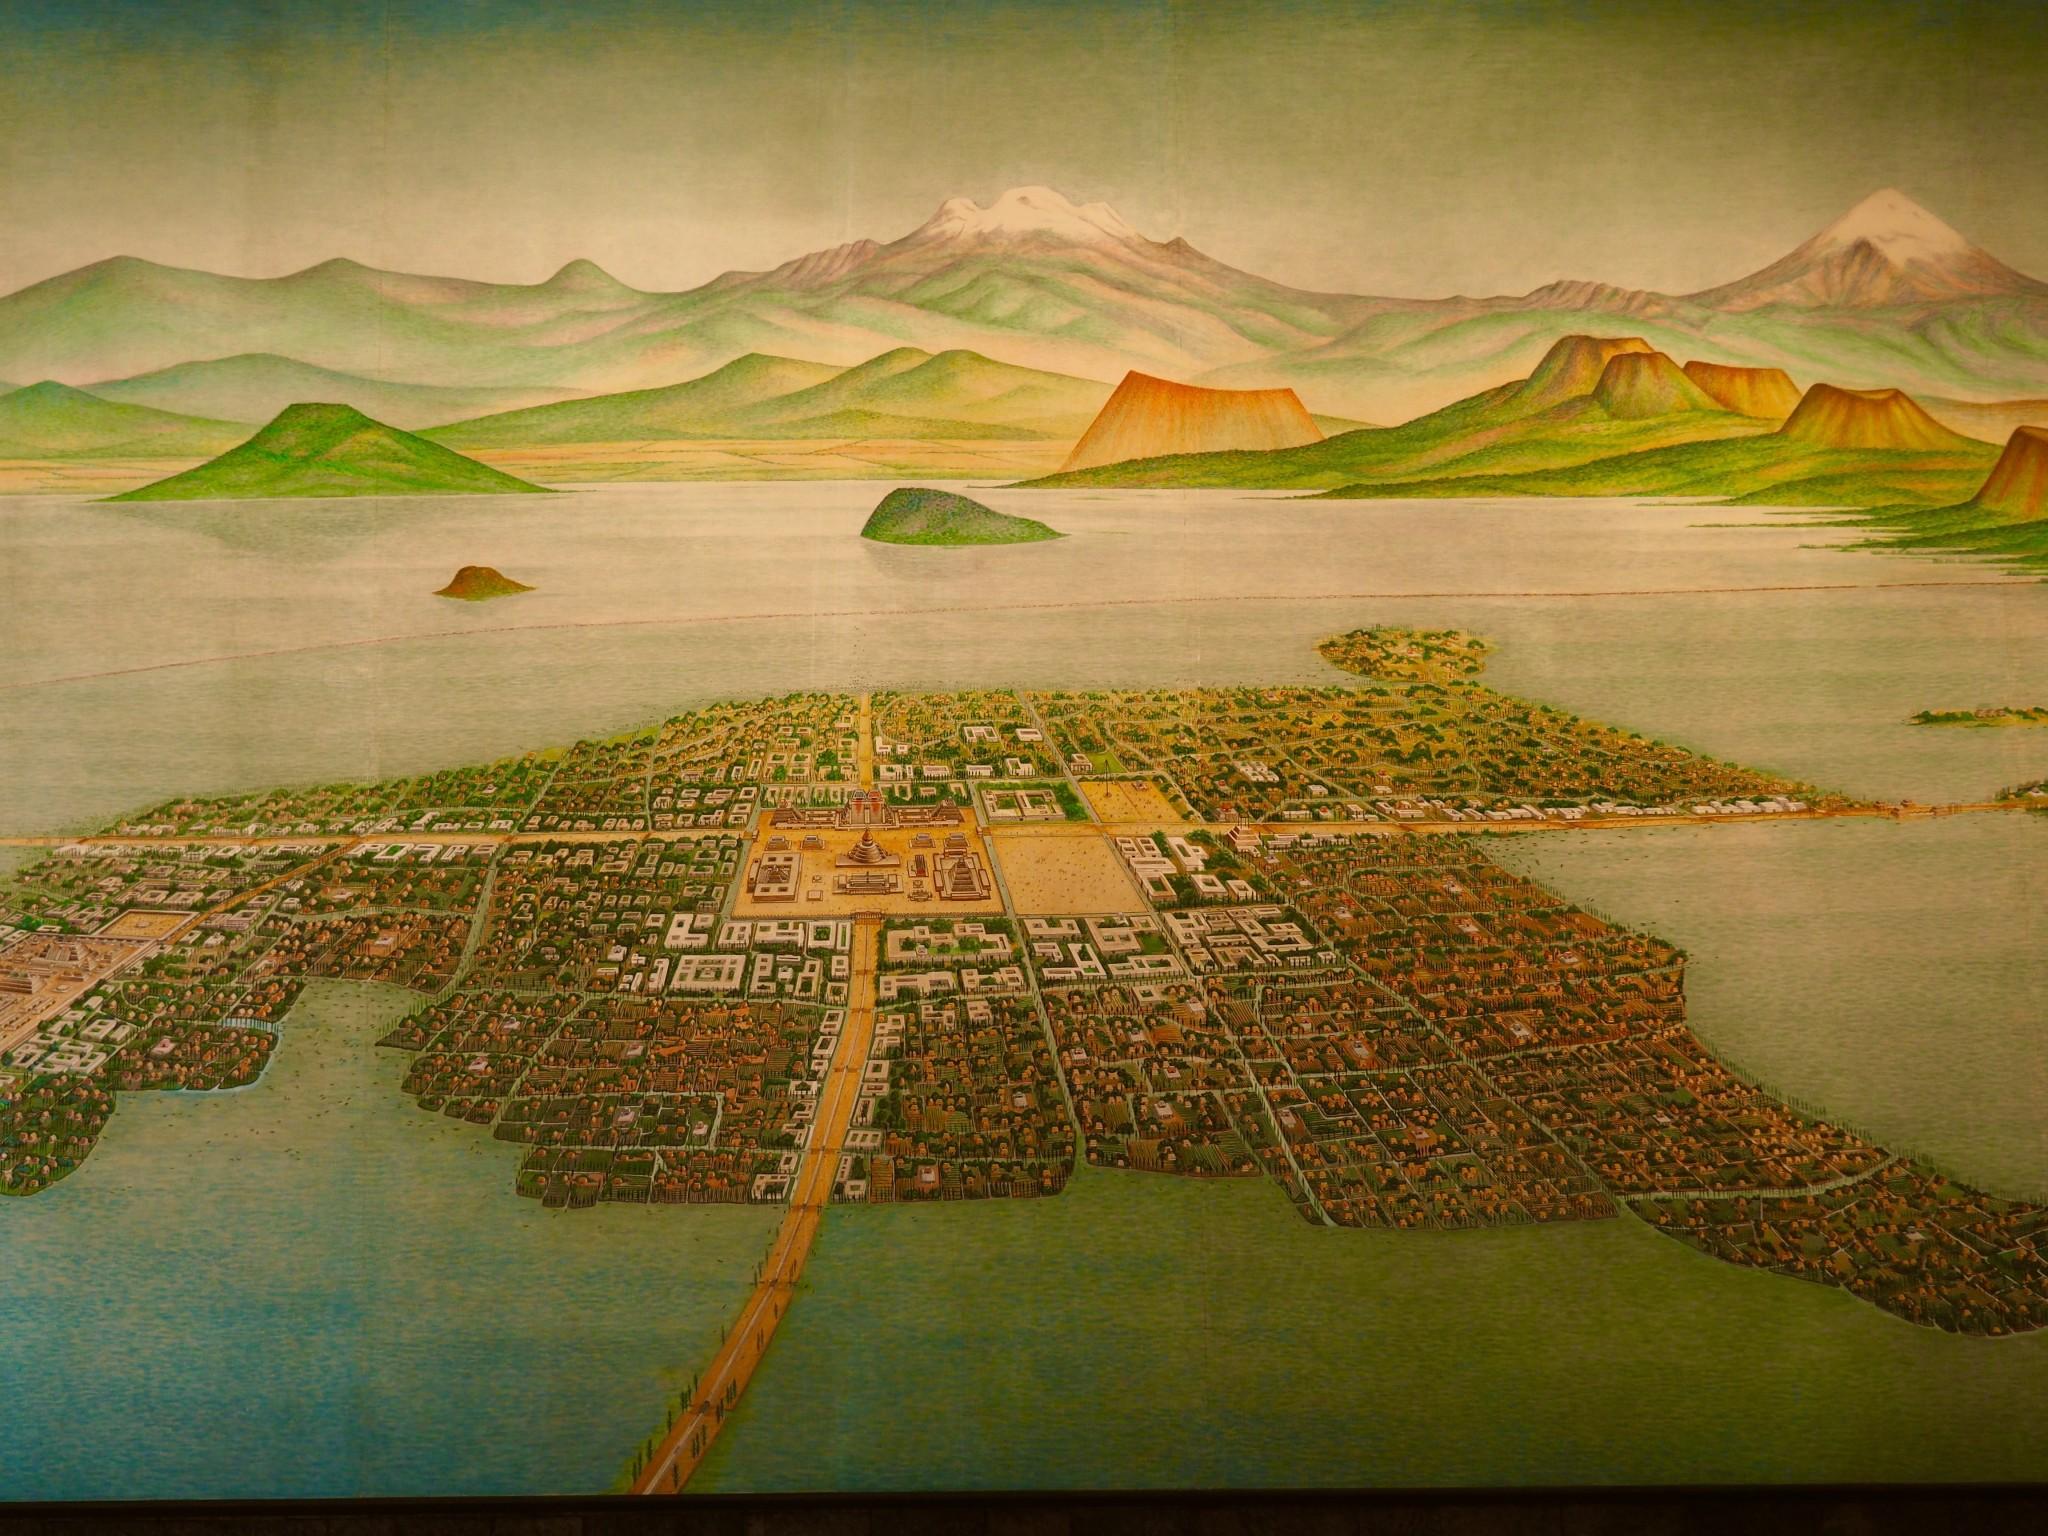 Mexico City bzw. Tenochtitlan vor 500 Jahren